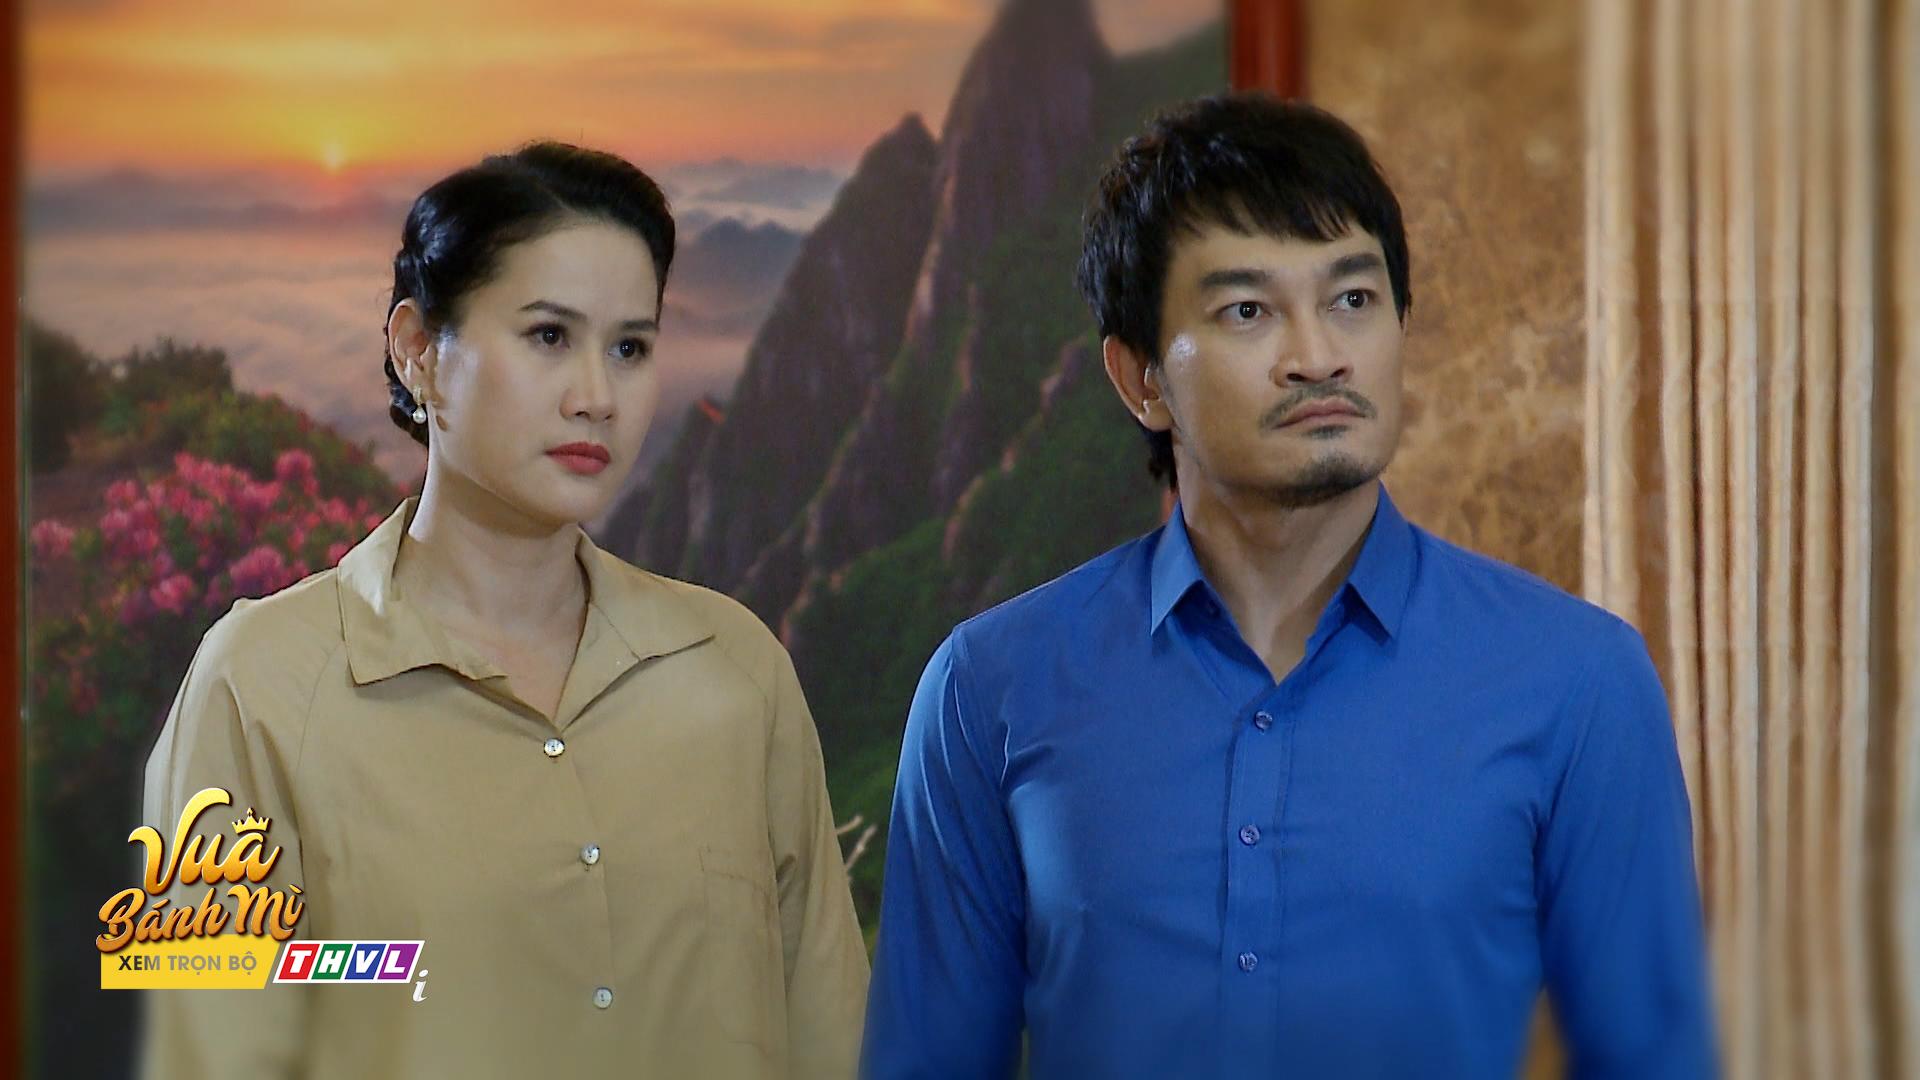 'Vua bánh mì' tập 26: 'Không ai cho lương thiện', Hữu Nguyệnleo rào đột nhập nhà bà Khuê để trả thù 7